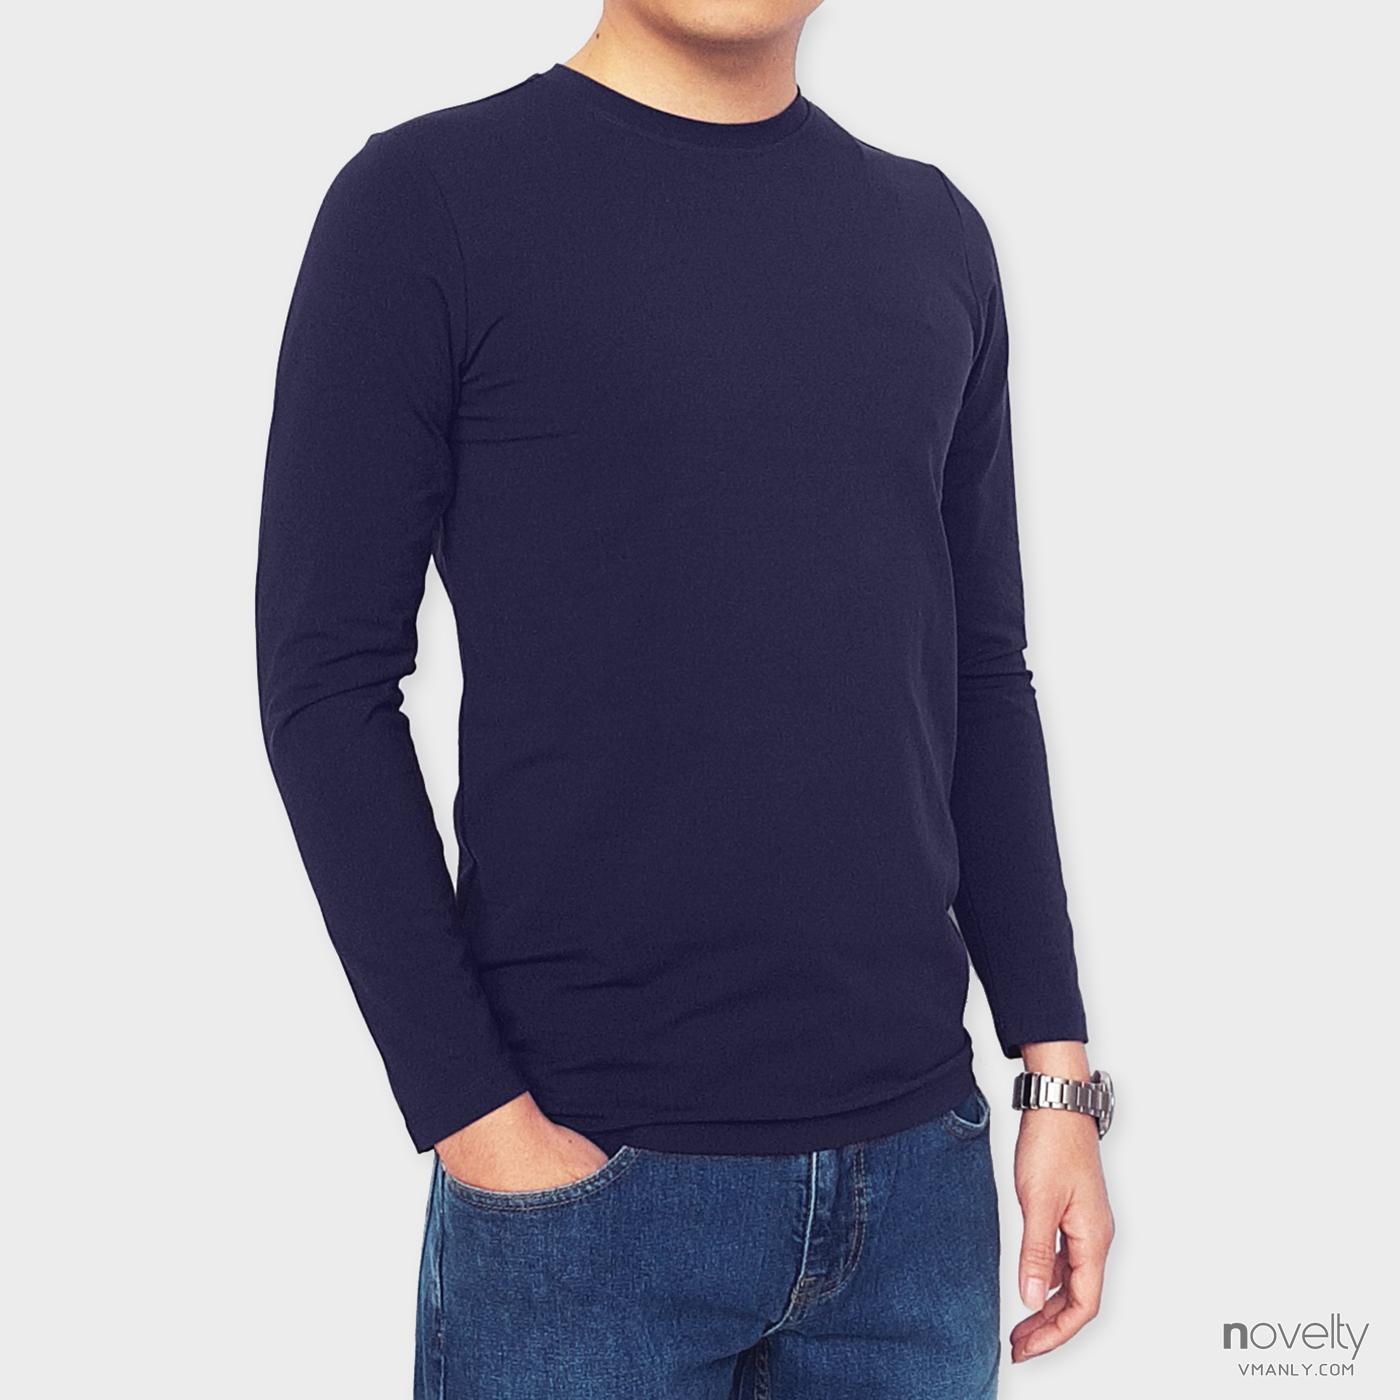 Áo thun dài tay - áo giữ nhiệt Novelty cổ tròn màu xanh navy 190763D